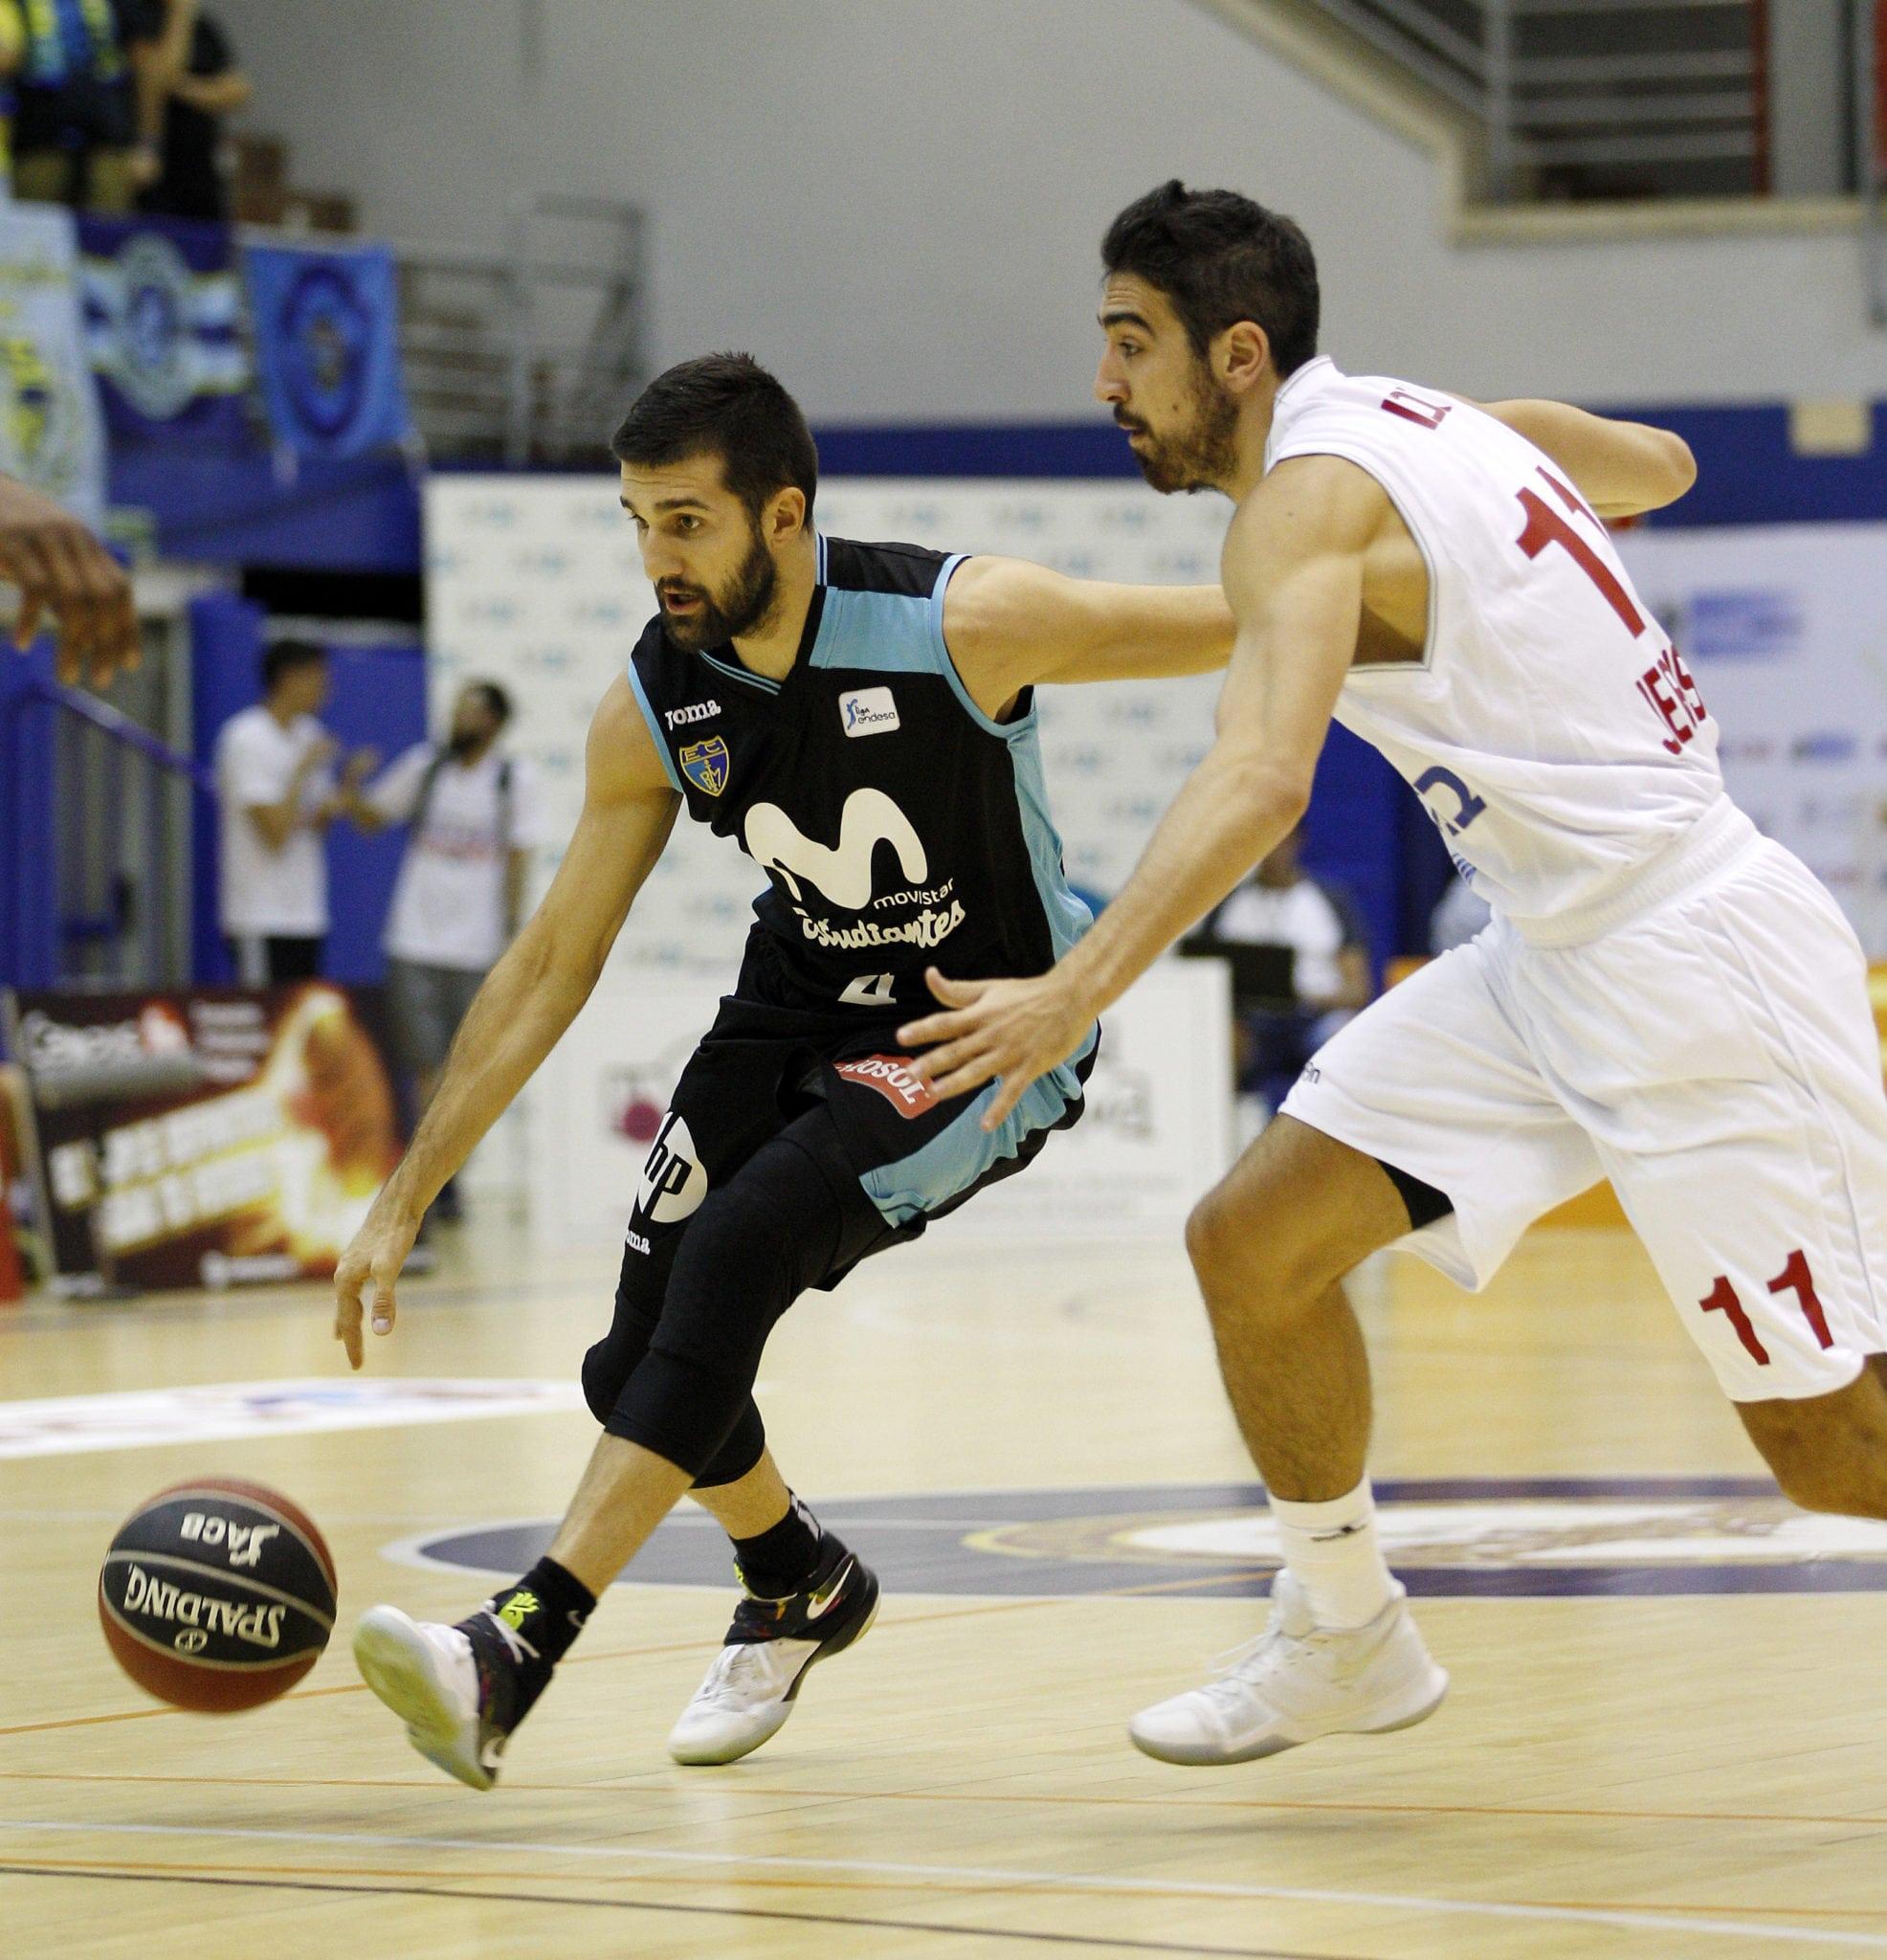 El equipo resta importancia a la victoria ante el campeón israelí: «es solo pretemporada»